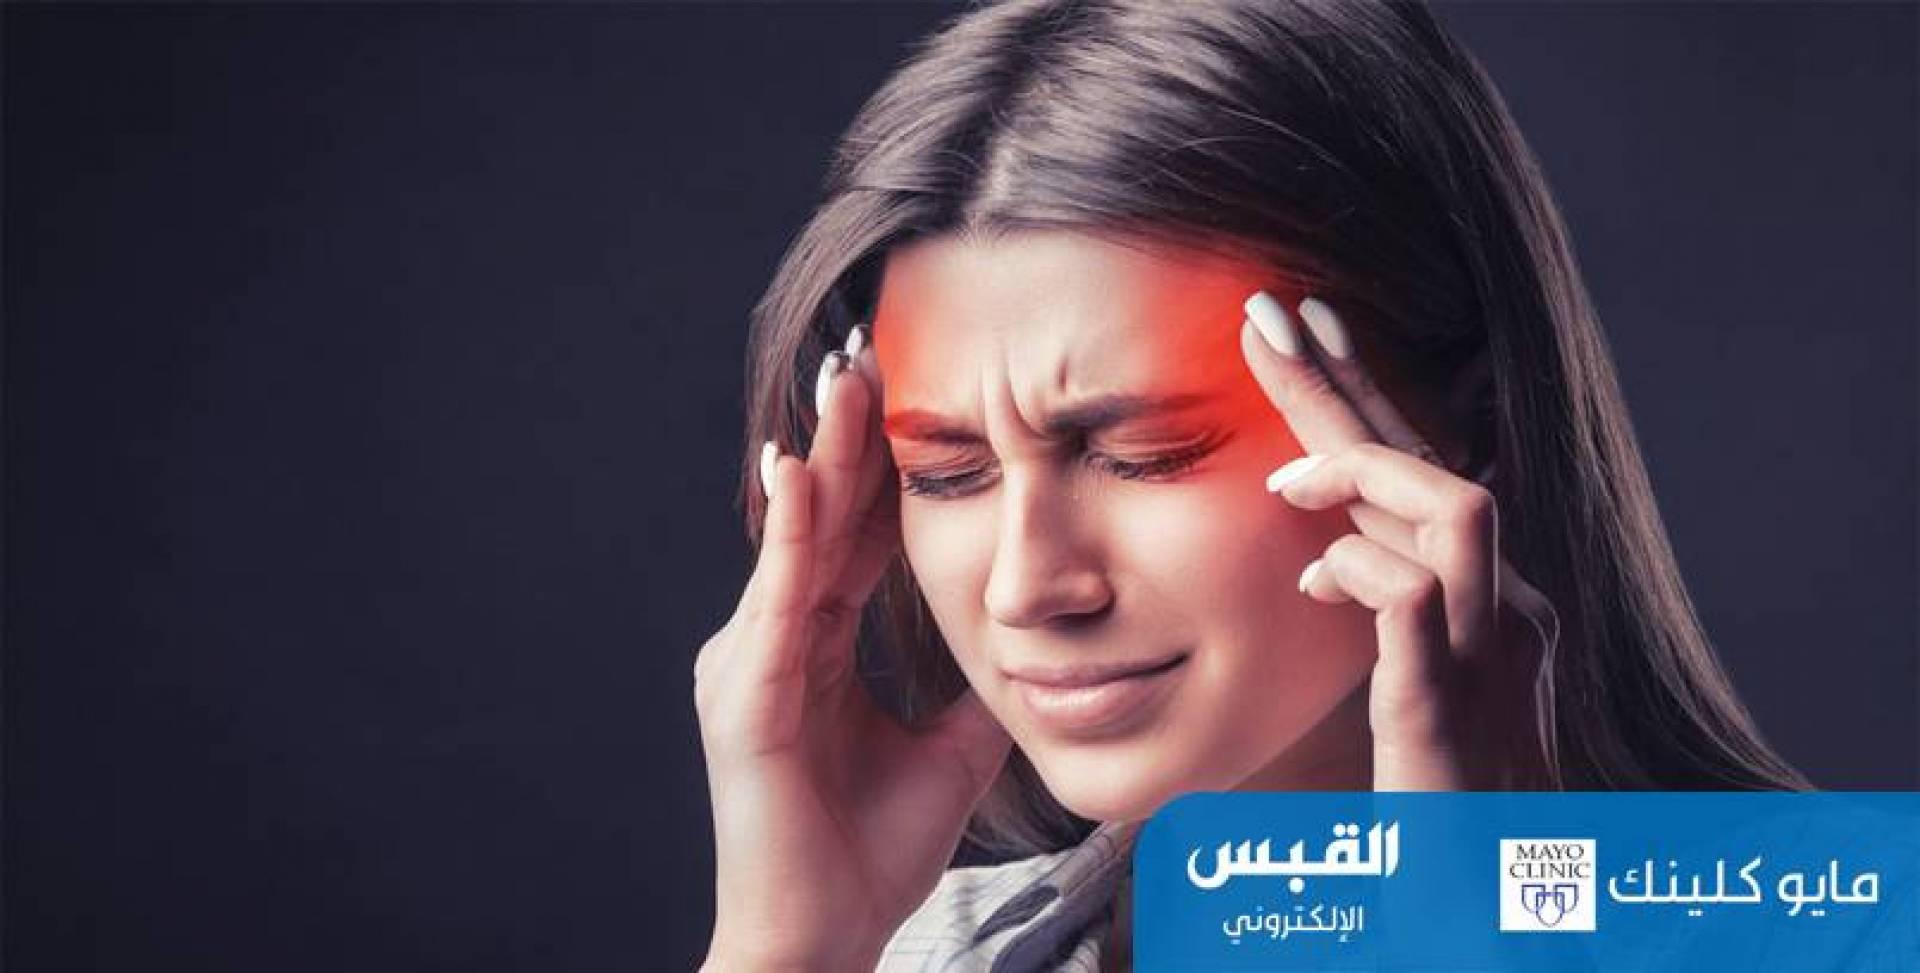 الصداع النصفي.. هل يمكن لمضادات الاكتئاب المساعدة في العلاج؟